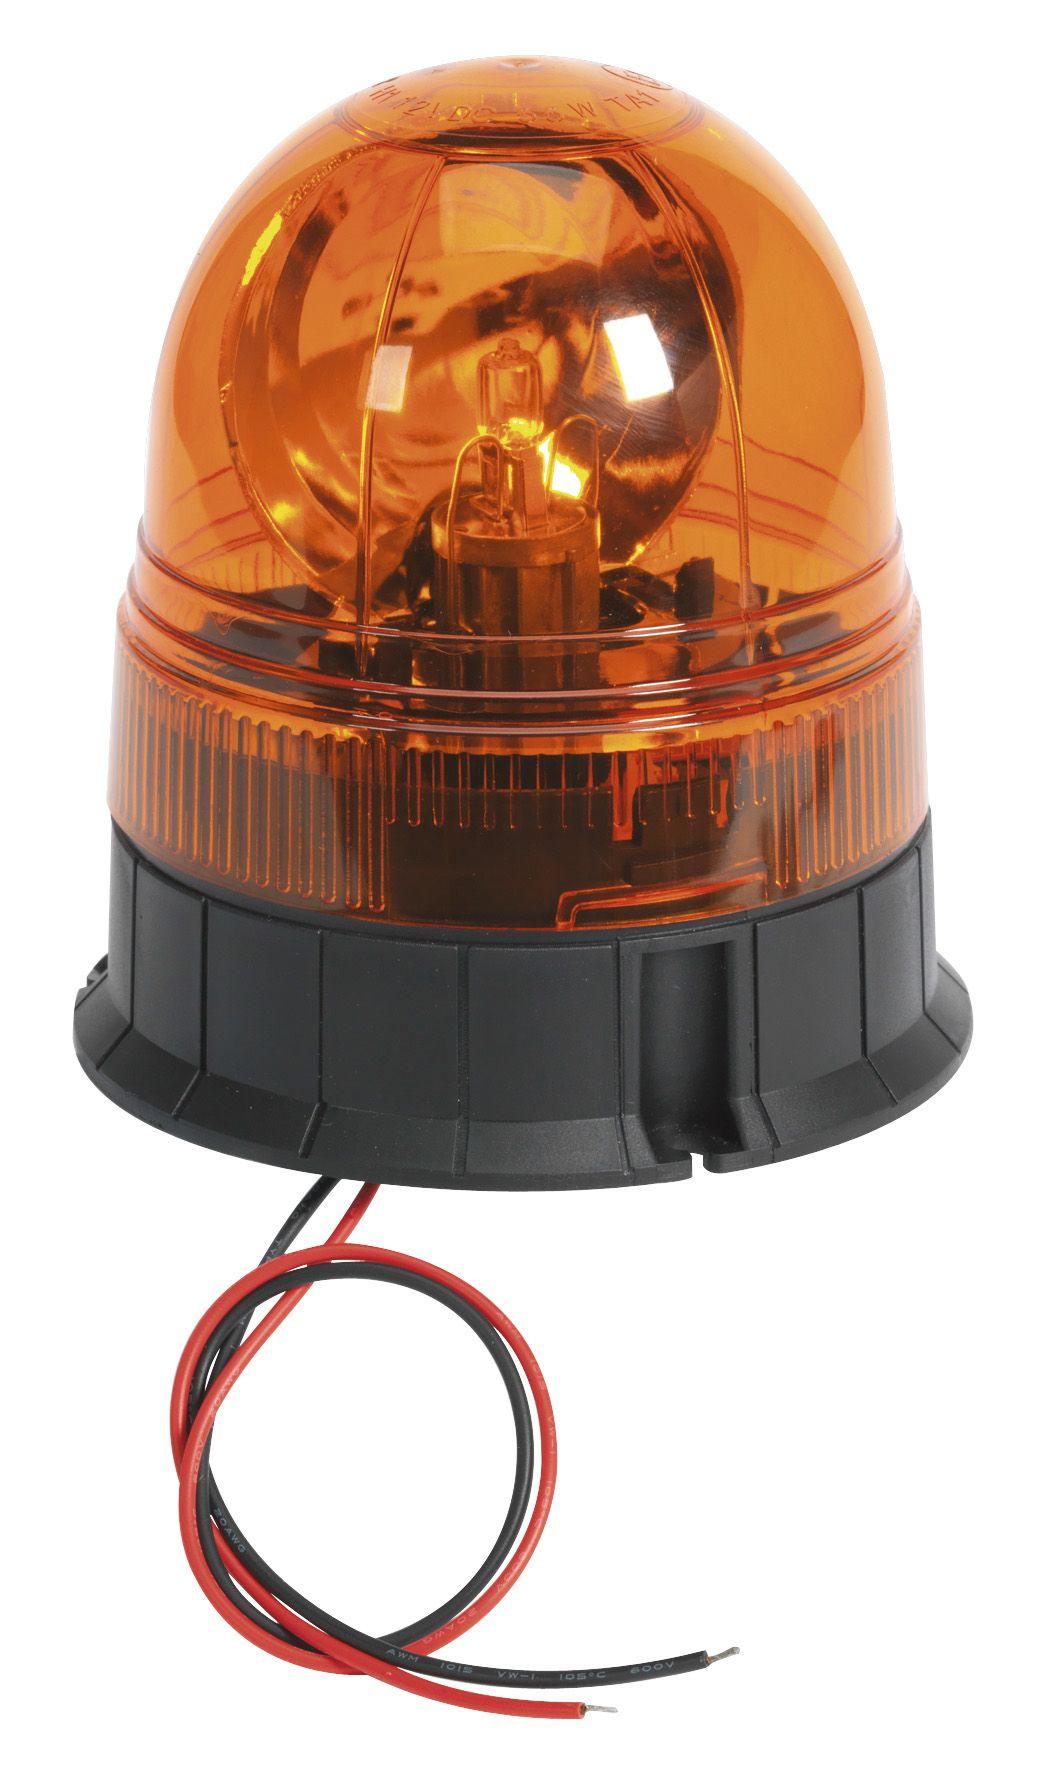 Sealey Rotating Beacon 12/24V 3 x Bolt Fixing